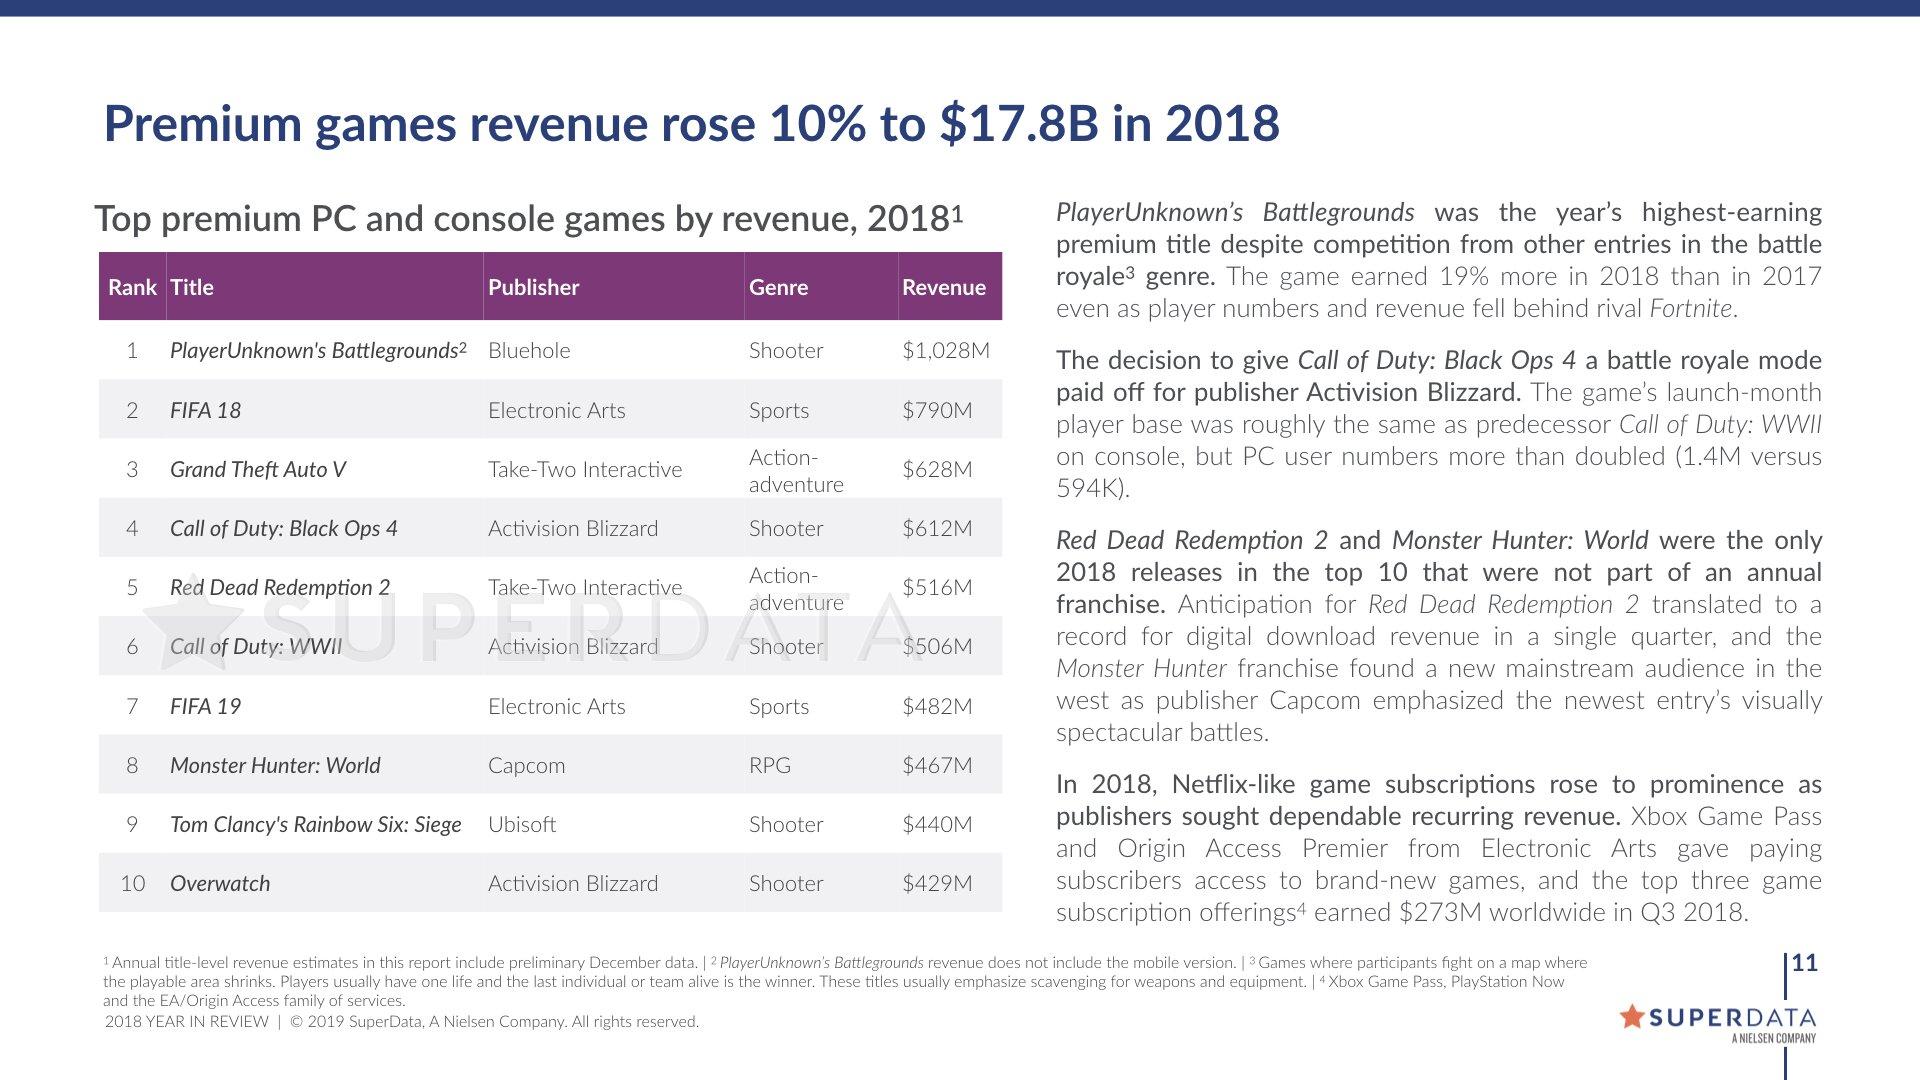 """Die umsatzstärksten """"Premium""""-Spiele in 2018"""